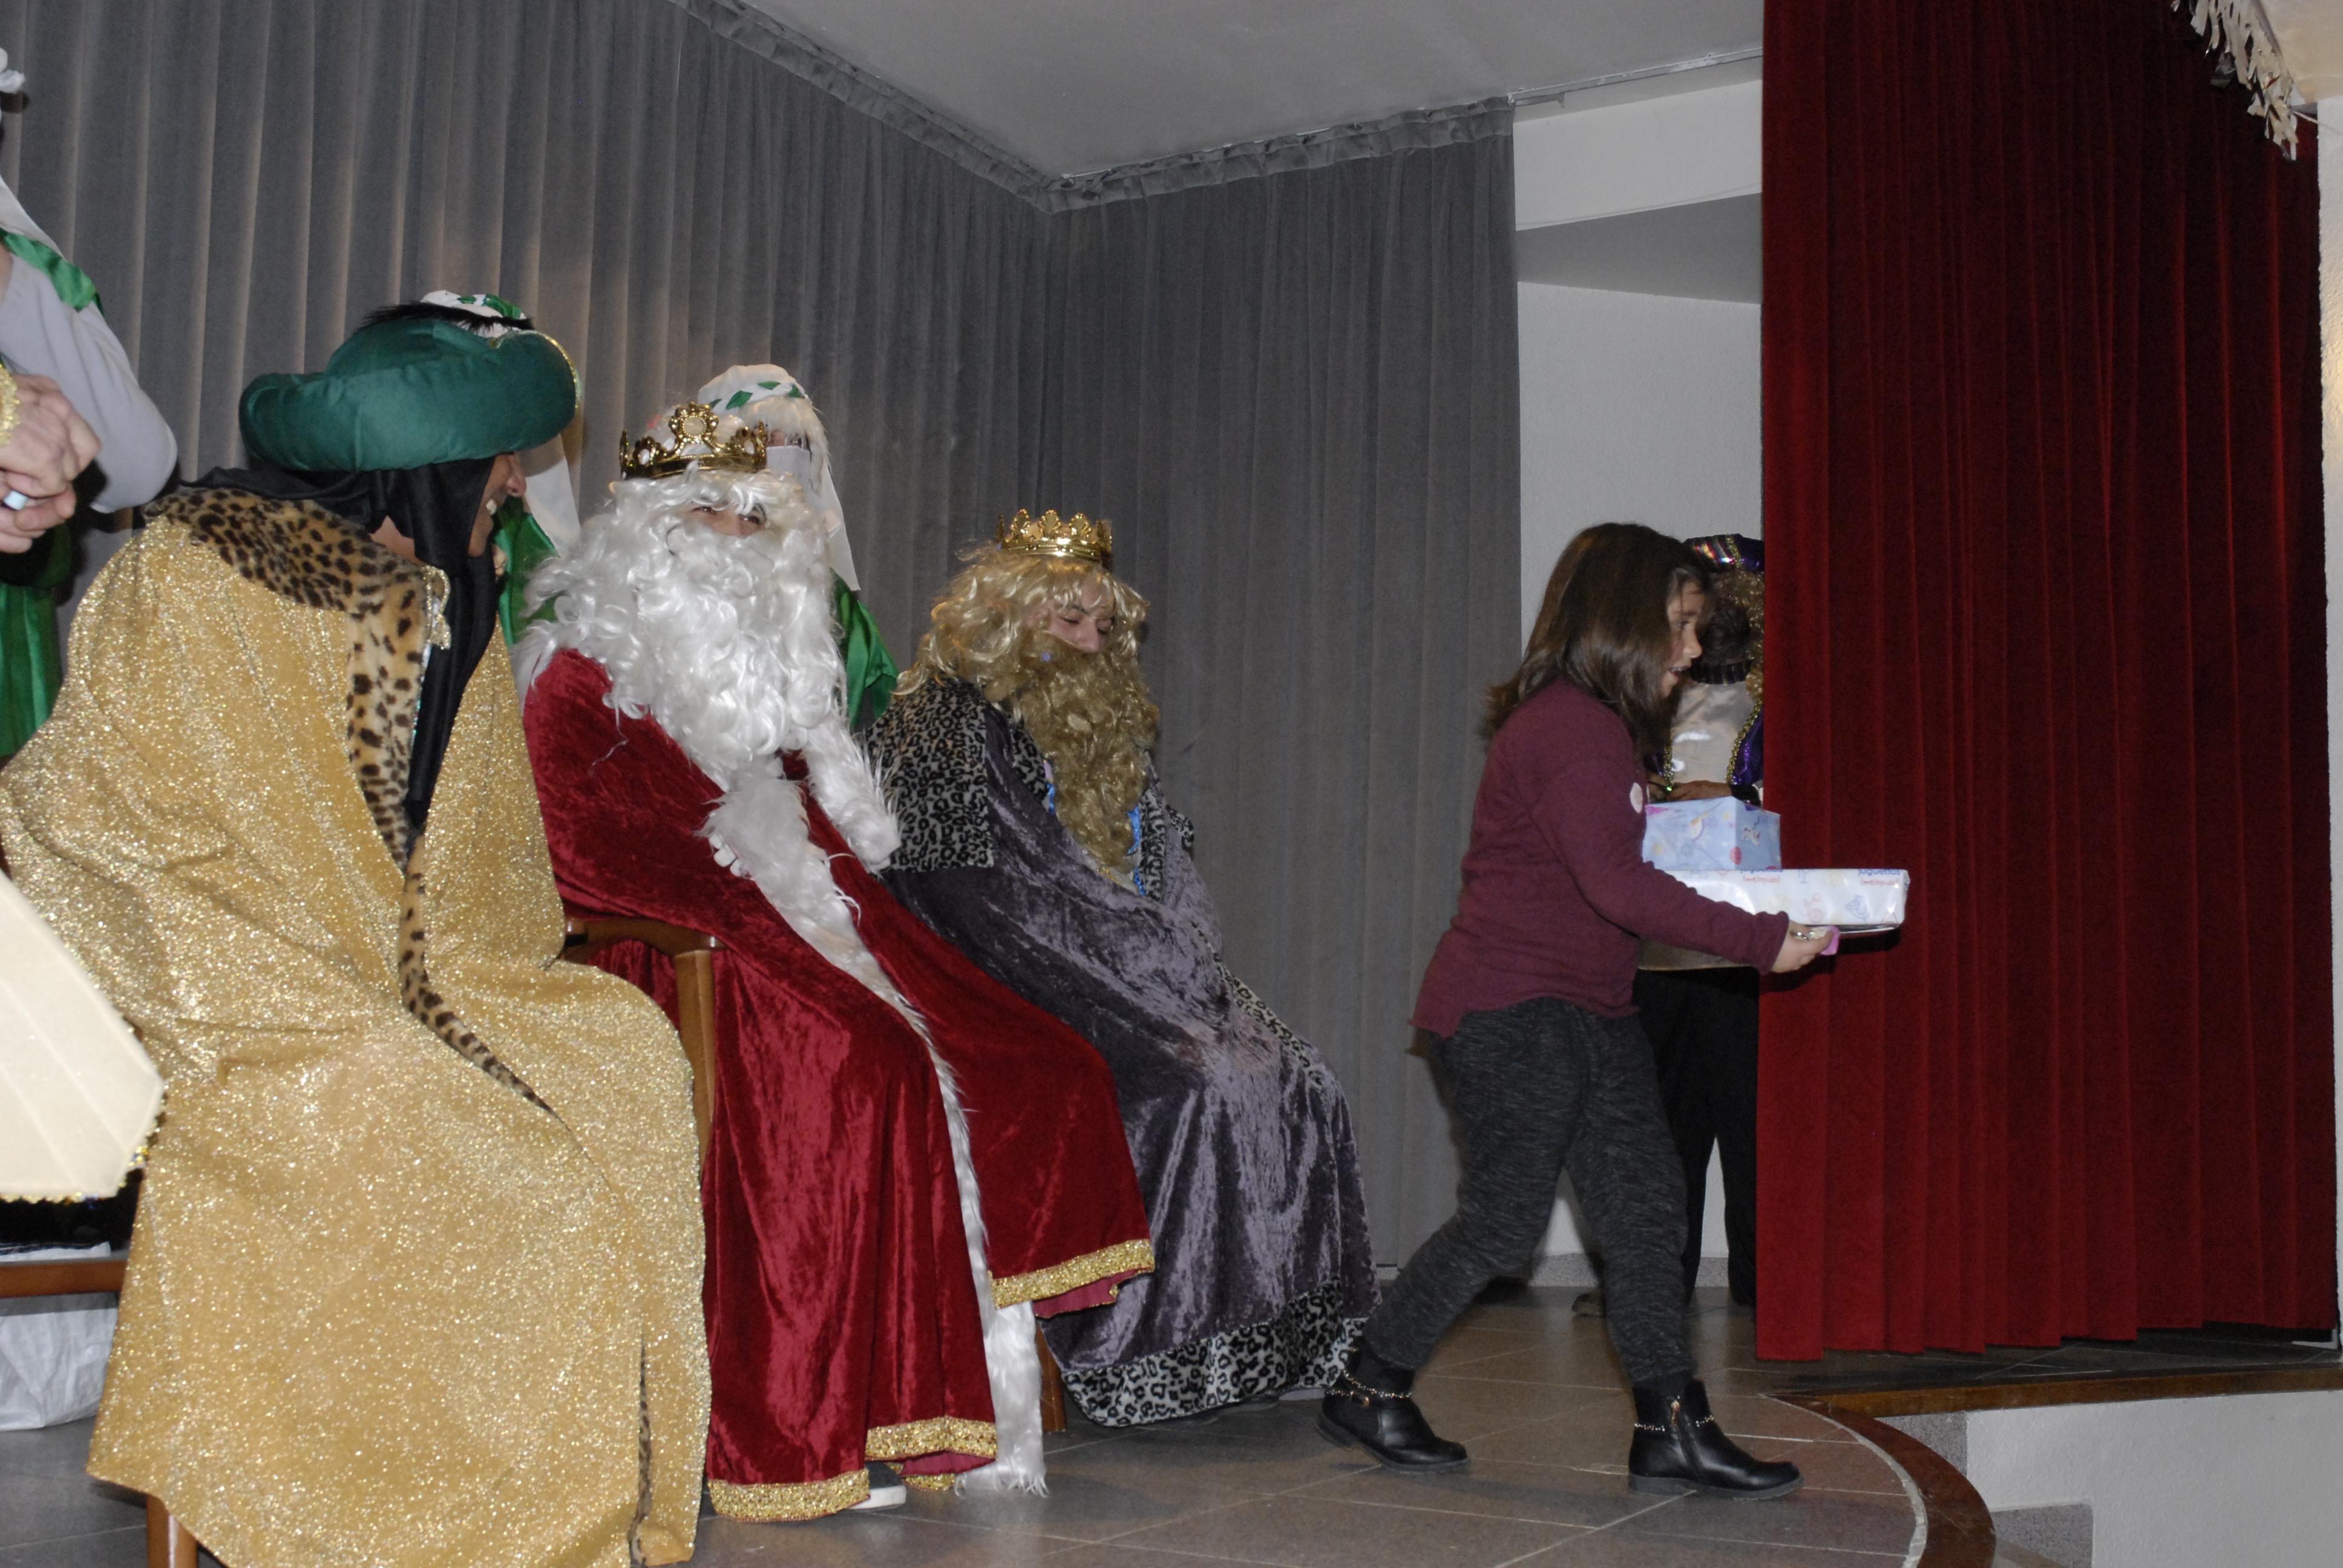 cabalgata-reyes-magos-2017-39